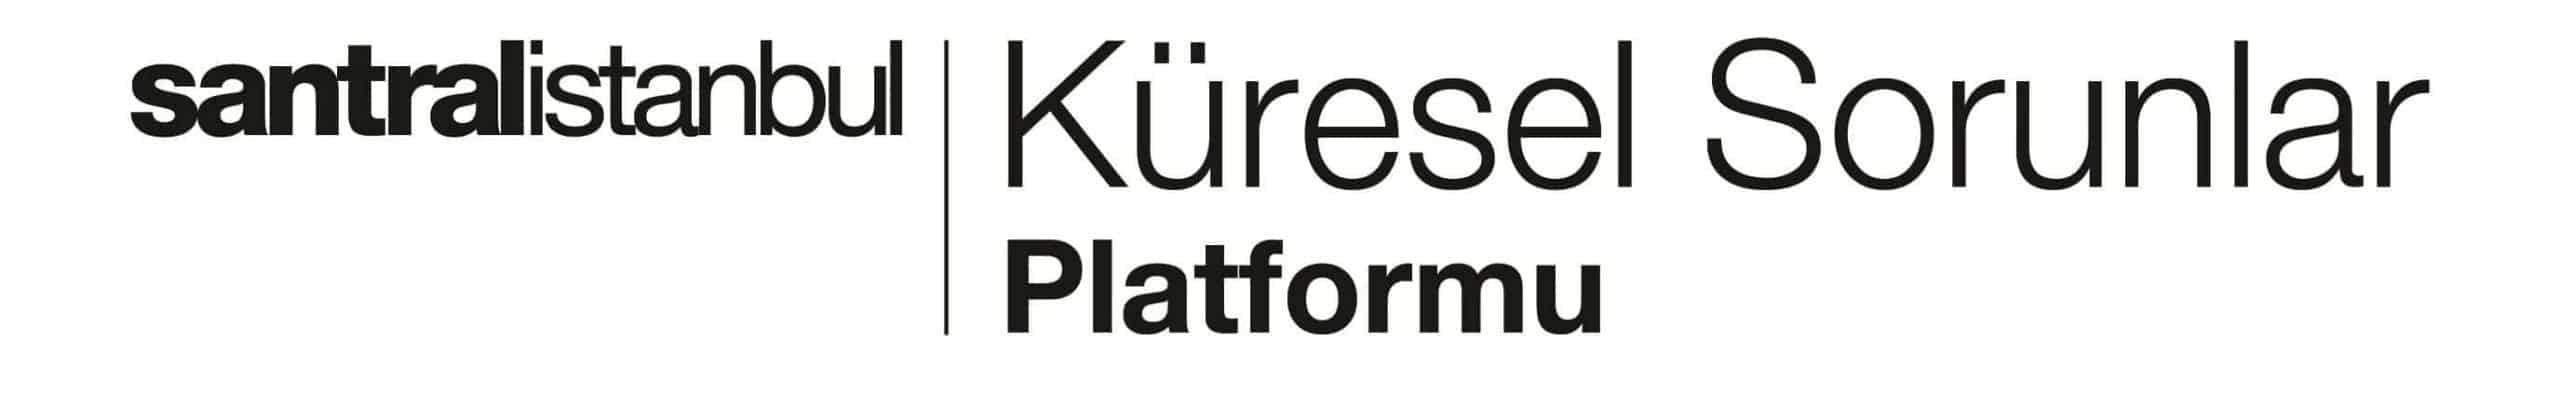 Küresel Sorunlar Platformu